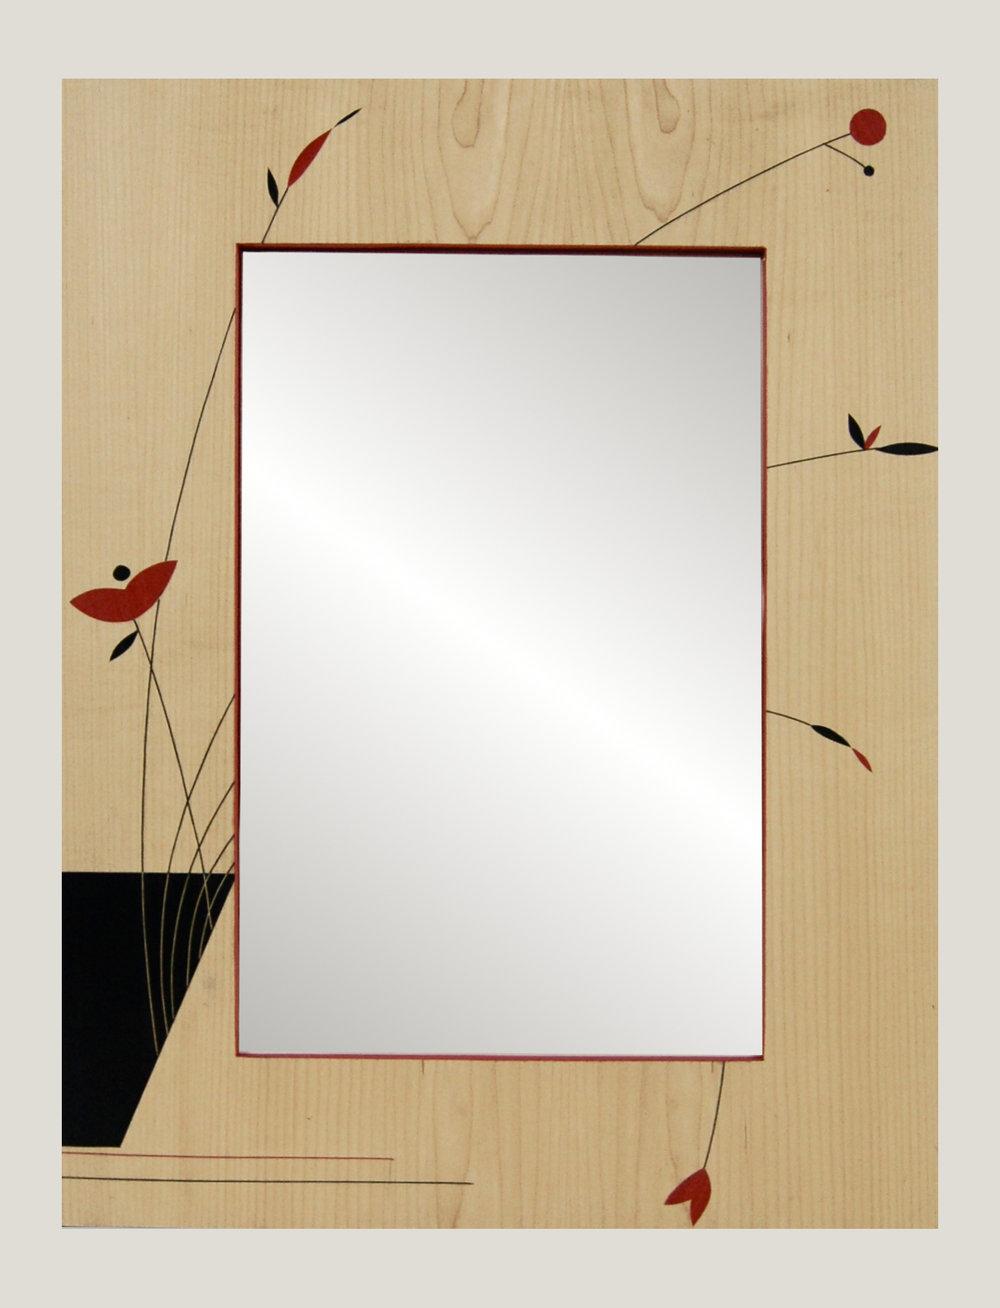 Ikebana Mirror 1.jpg